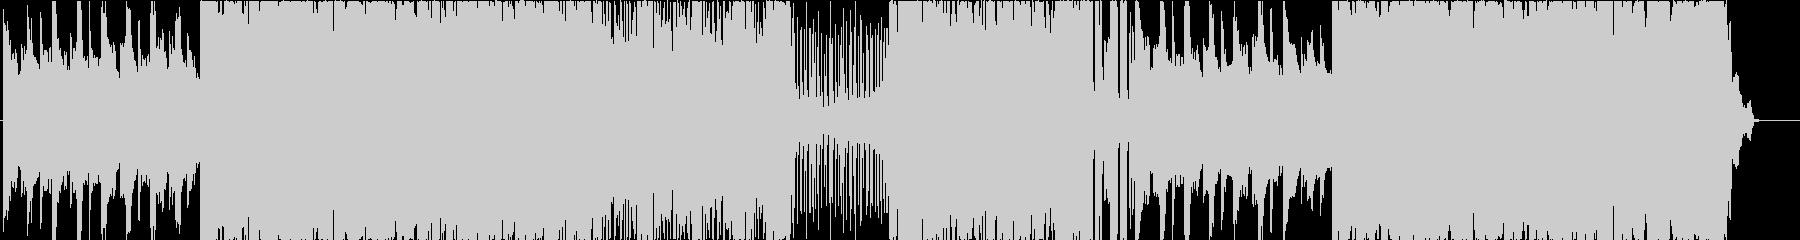 エレクトロかつロックな戦闘曲の未再生の波形